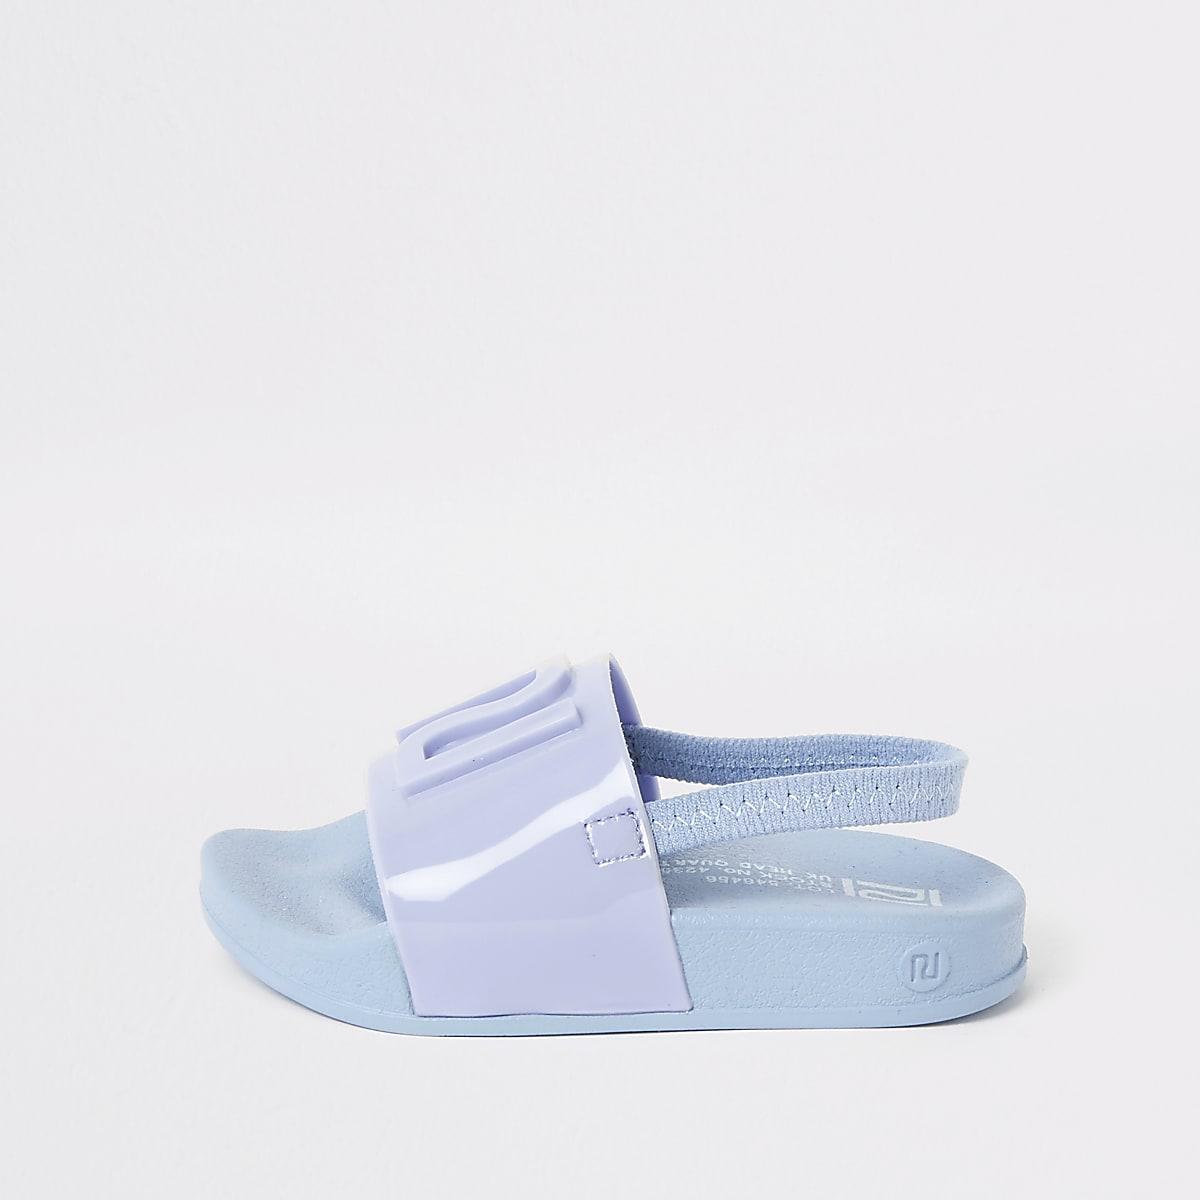 Mini - Blauwe jelly slippers met RI-logo voor kinderen